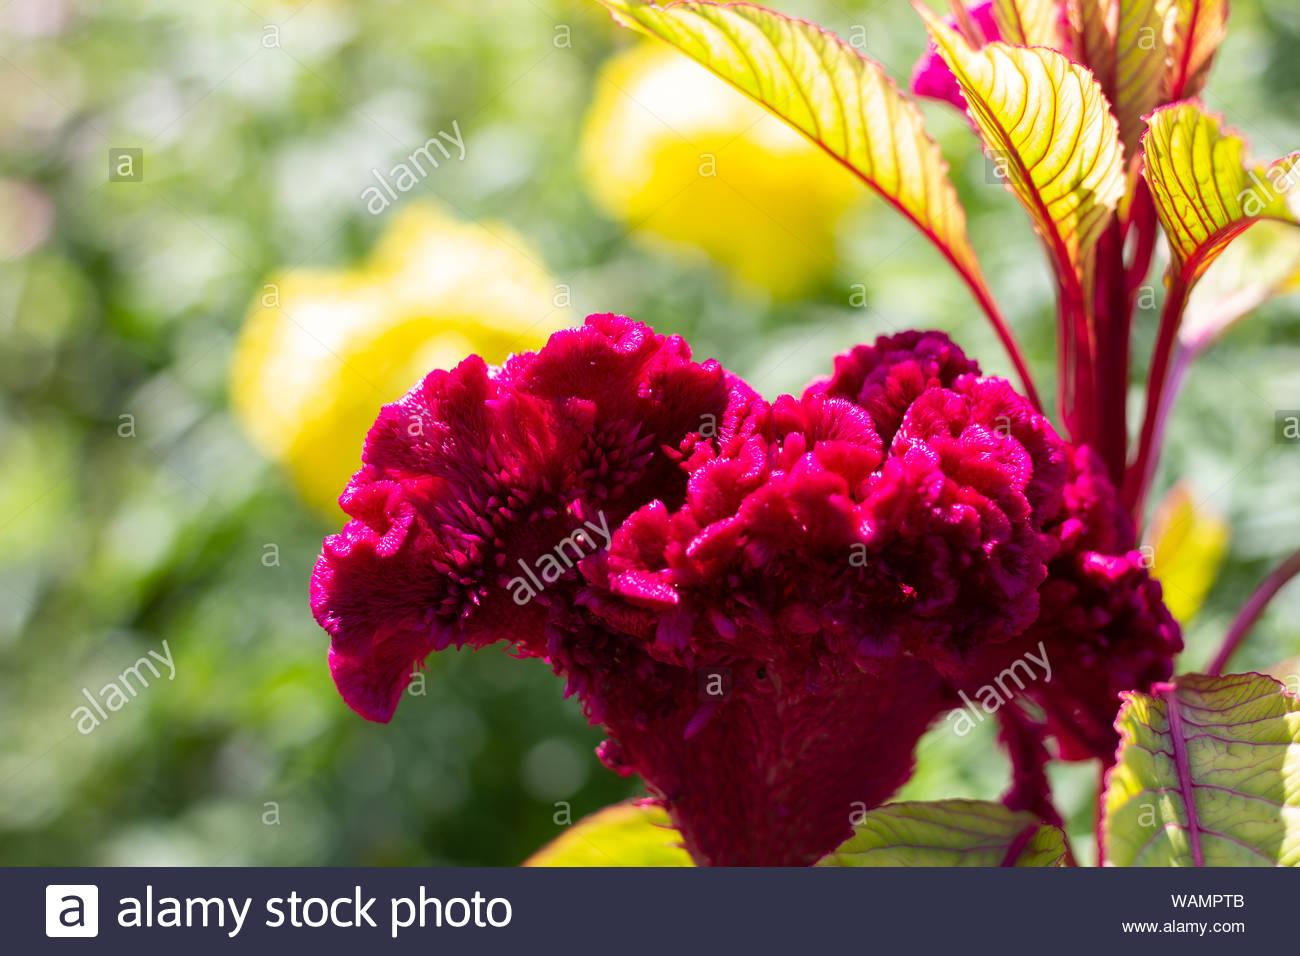 purple velvet flower in the garden Stock Photo